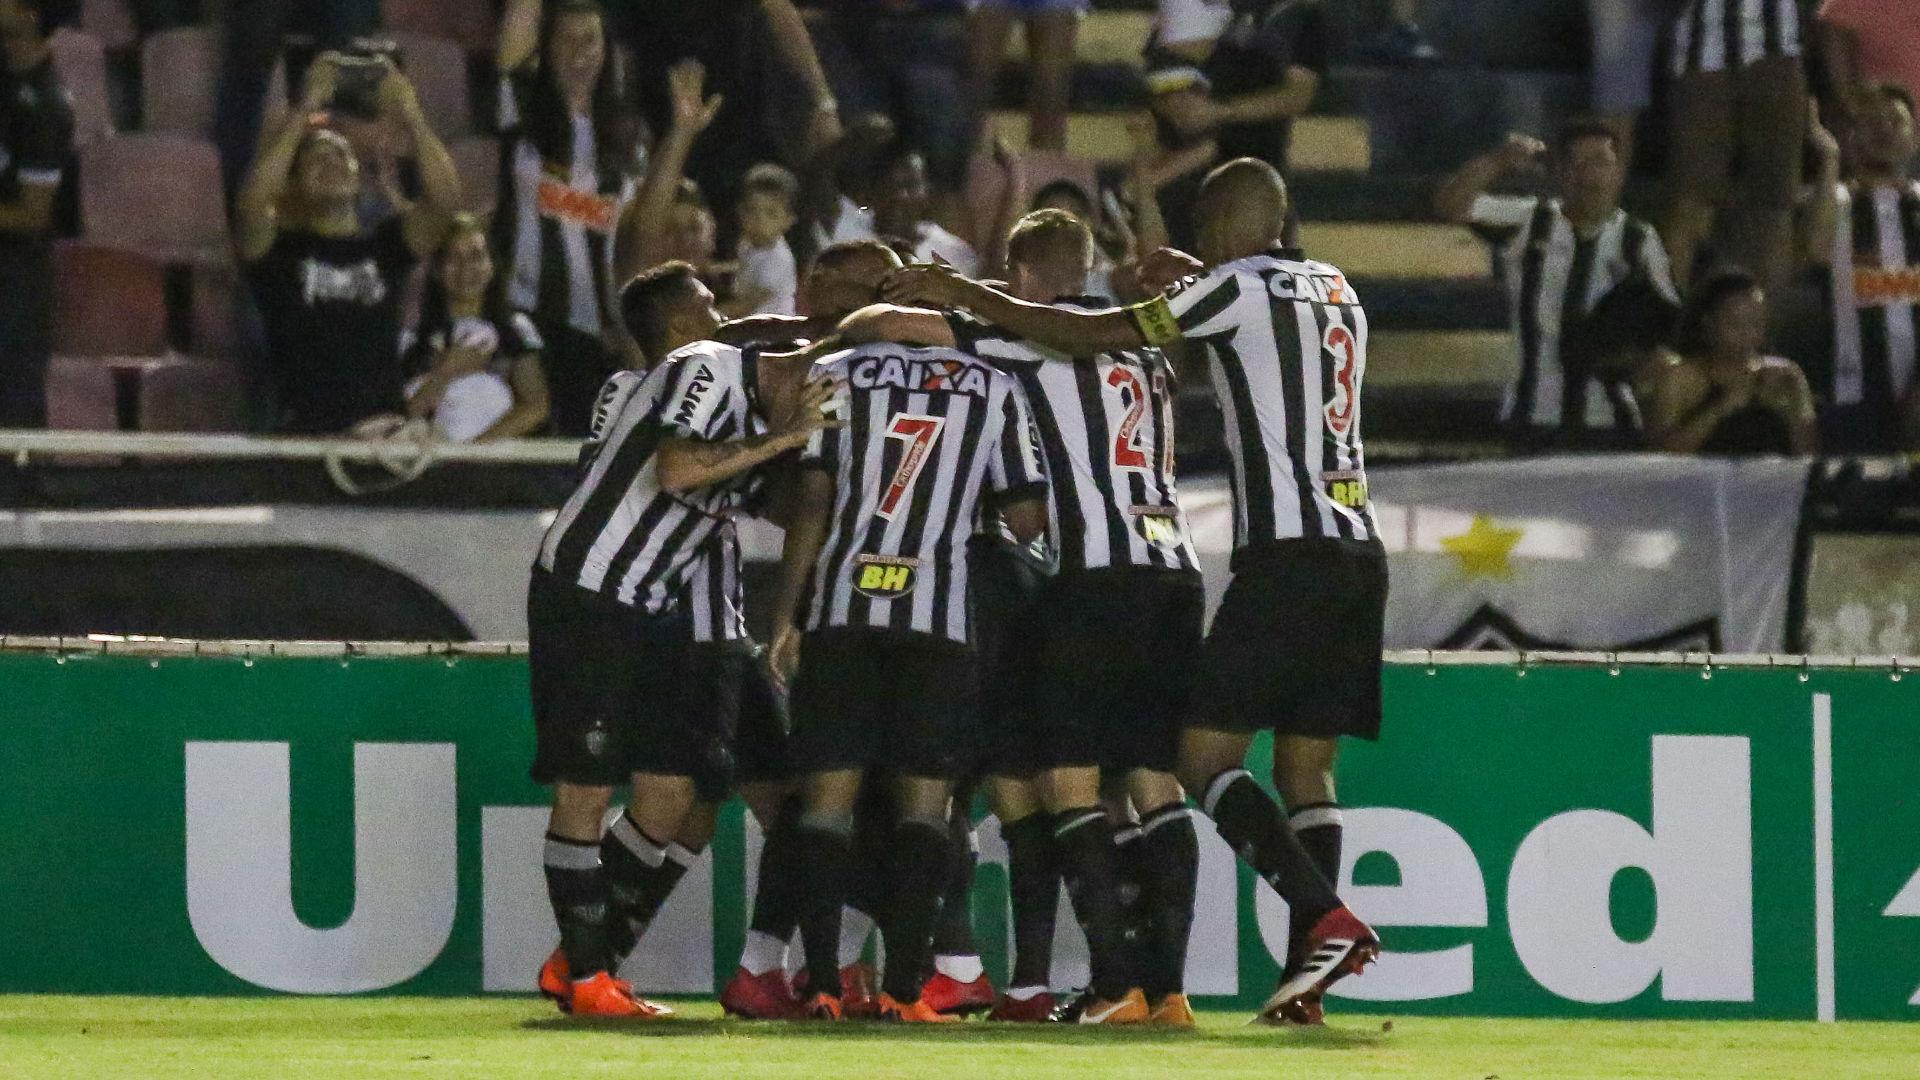 Luan vibra com gol pelo Atlético, mas pede inteligência ao time